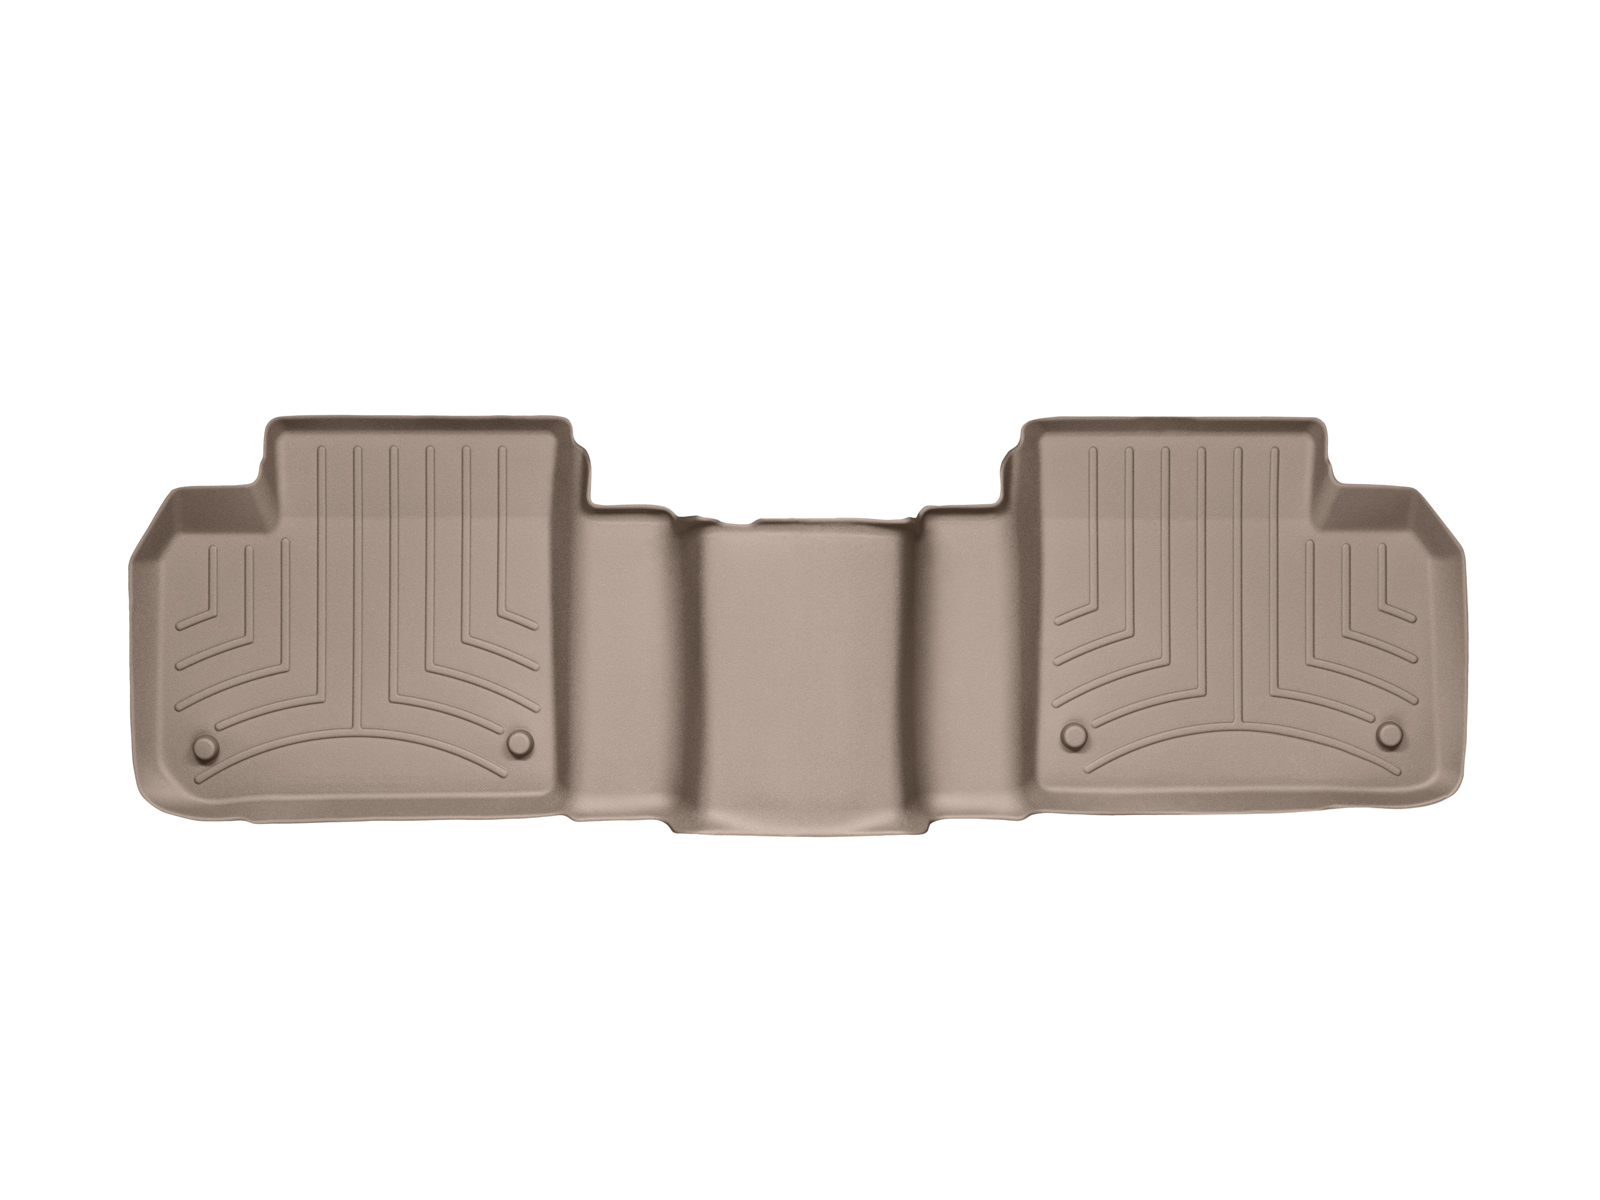 Tappeti gomma su misura bordo alto Mercedes GLS-Class 15>17 Marrone A2513